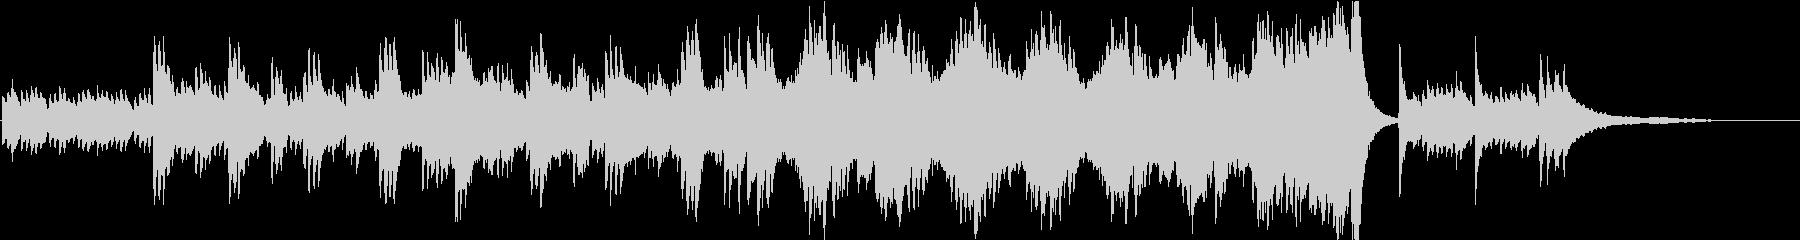 短縮版】エレガントで落ち着きのあるピアノの未再生の波形